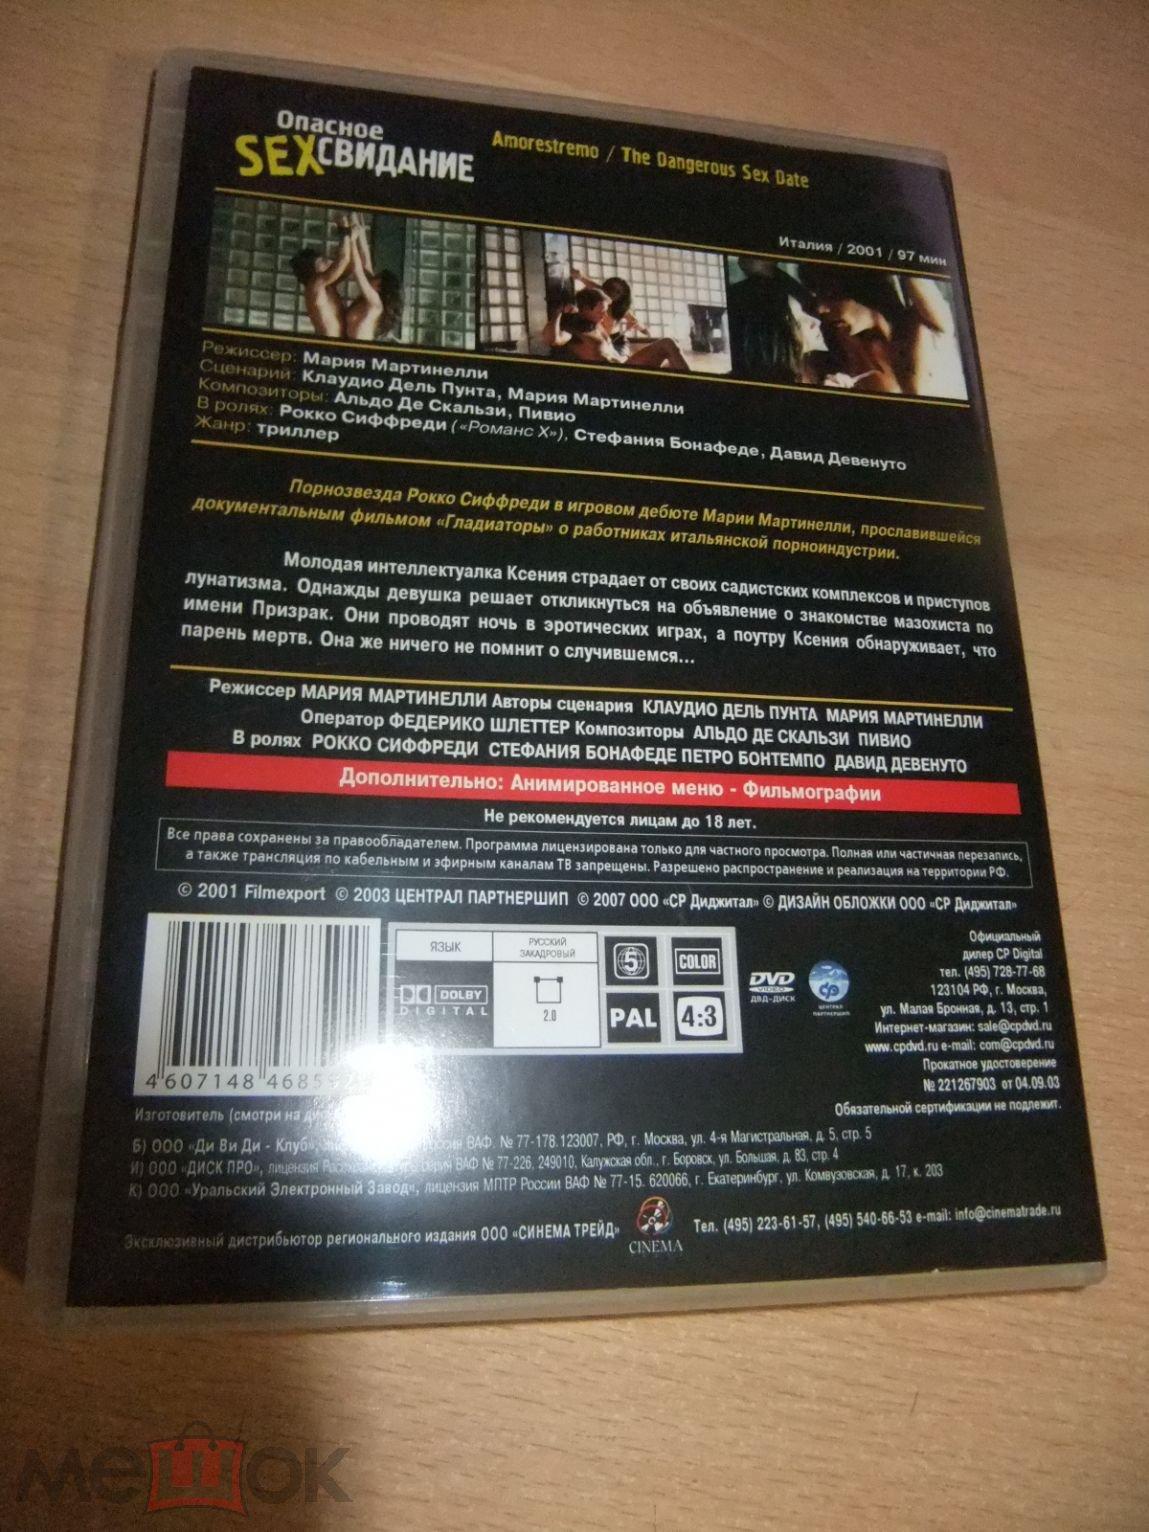 Опасное секс свидание на dvd